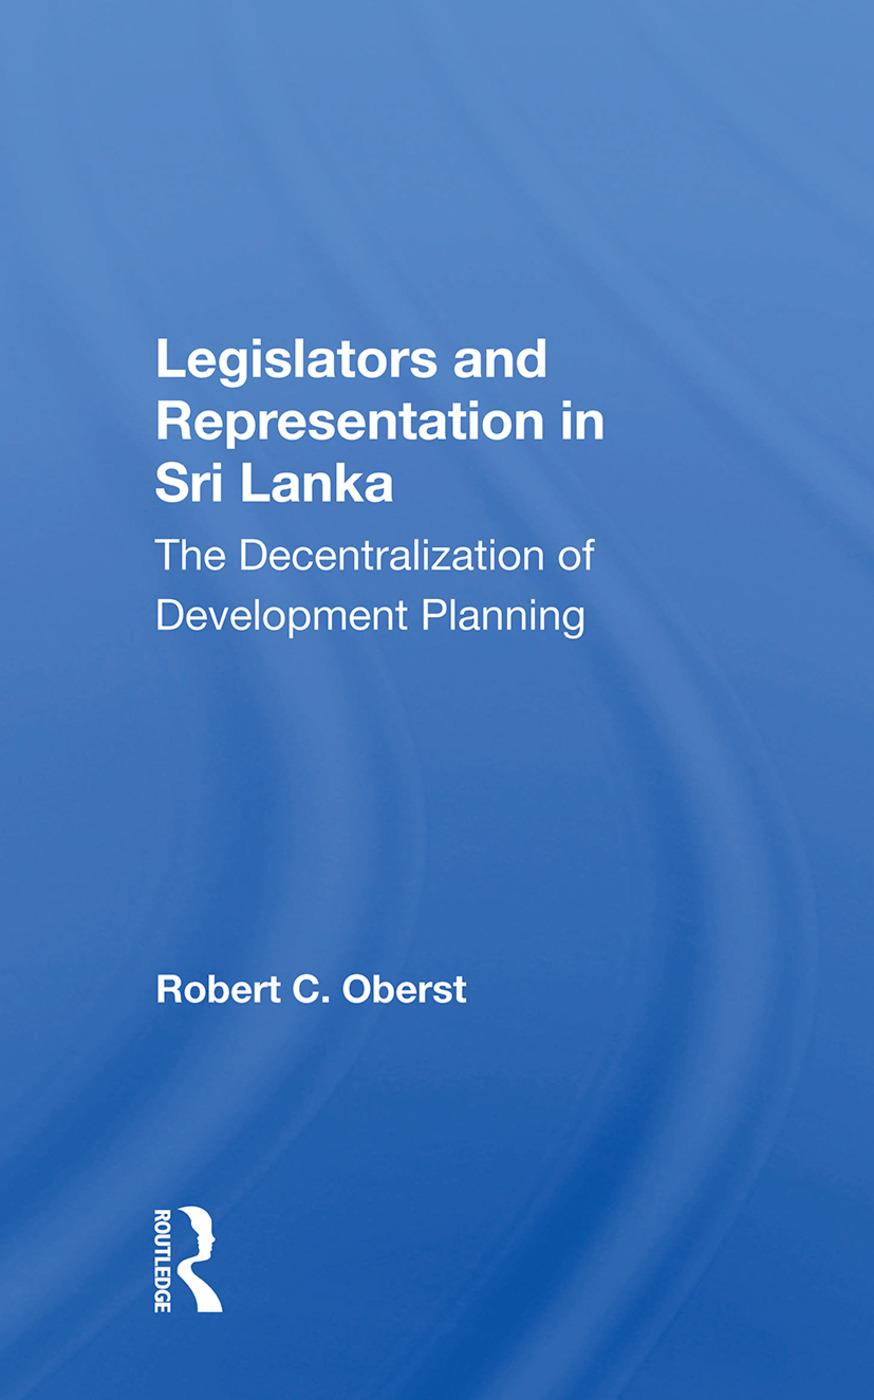 Legislators and Representation in Sri Lanka: The Decentralization of Development Planning book cover